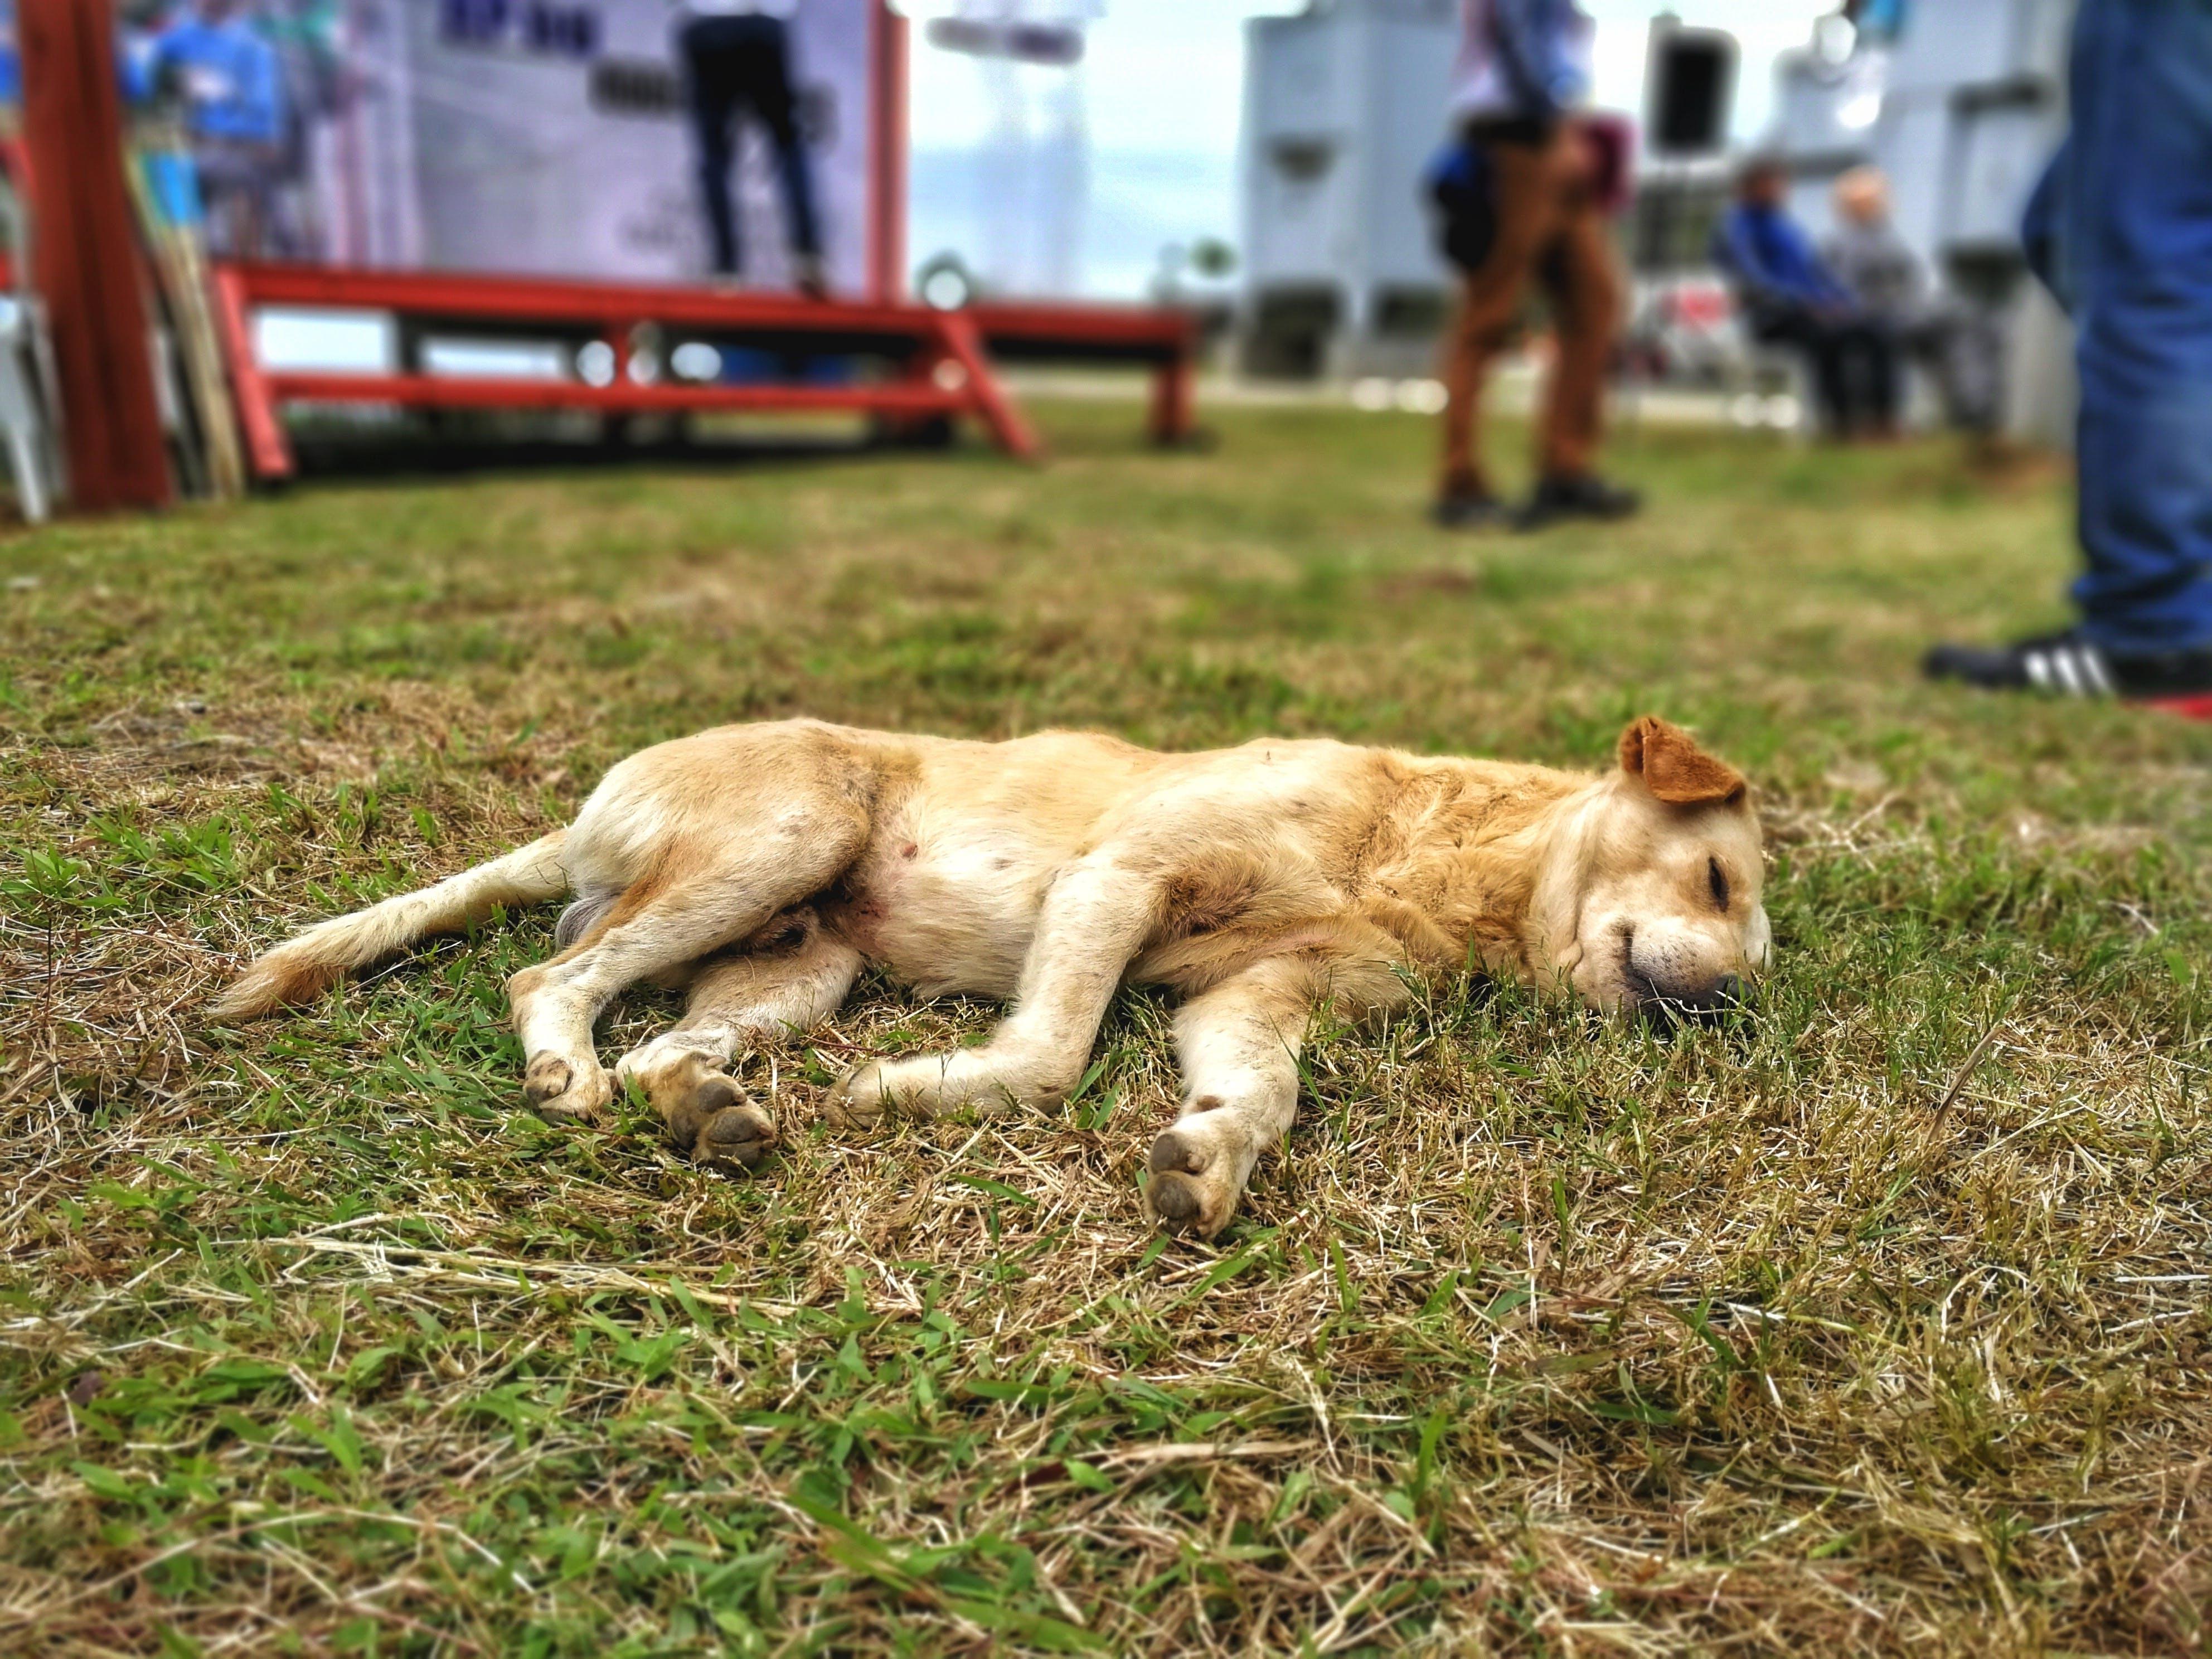 Δωρεάν στοκ φωτογραφιών με γρασίδι, καφέ σκυλί, κοιμάμαι, κοιμισμενος σκυλοσ